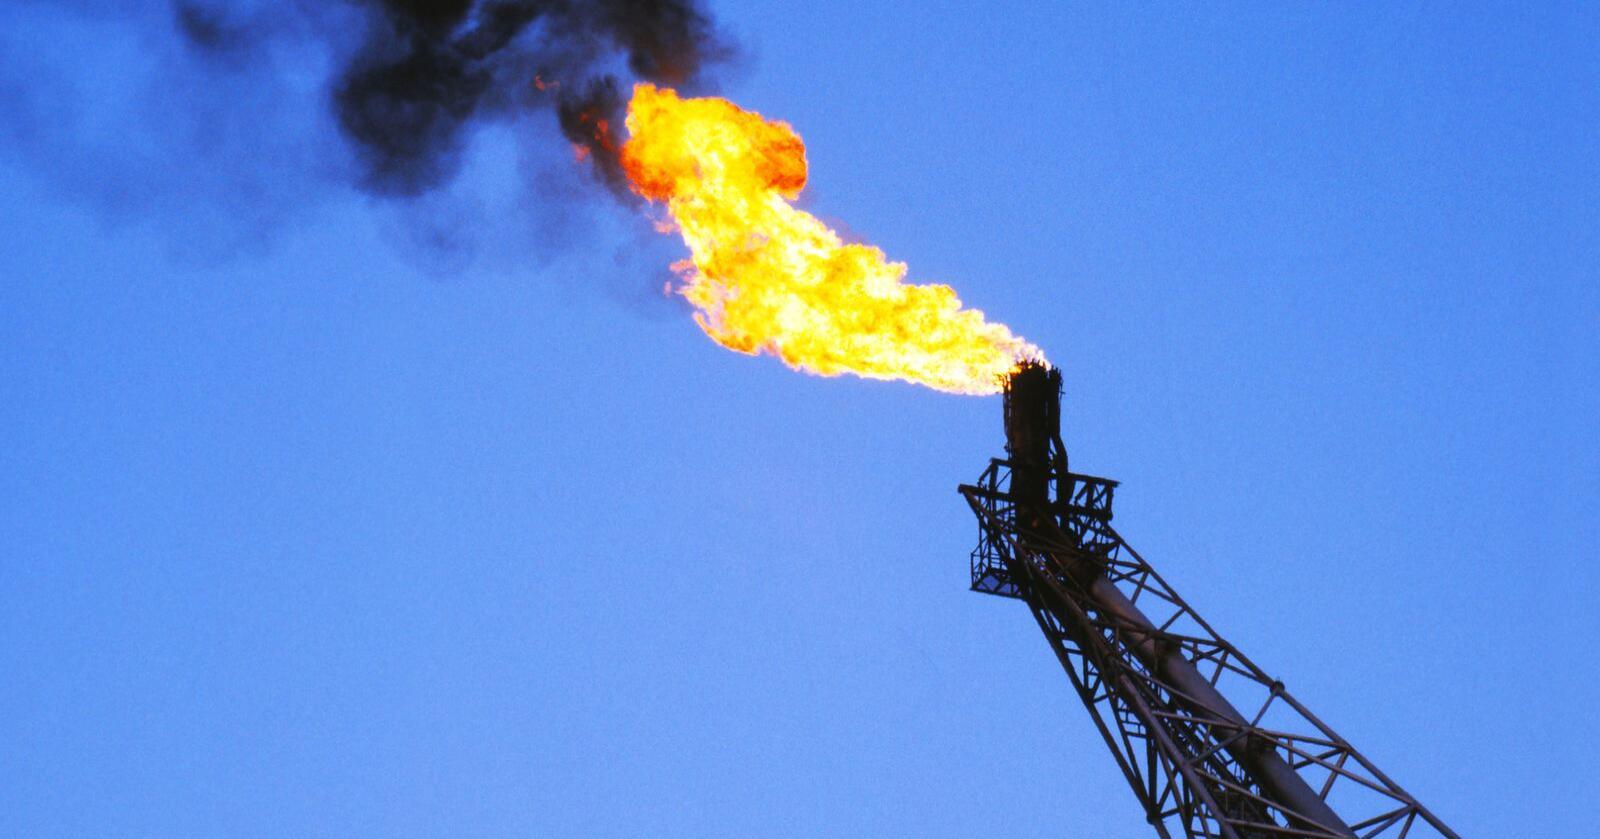 Ingen nye felter: Hvis Norge åpner nye olje- eller gassfelter fra nå, vil vi bidra til at verden ikke klarer å berge et levelig klima, skriver innsenderen. Foto: Mostphotos